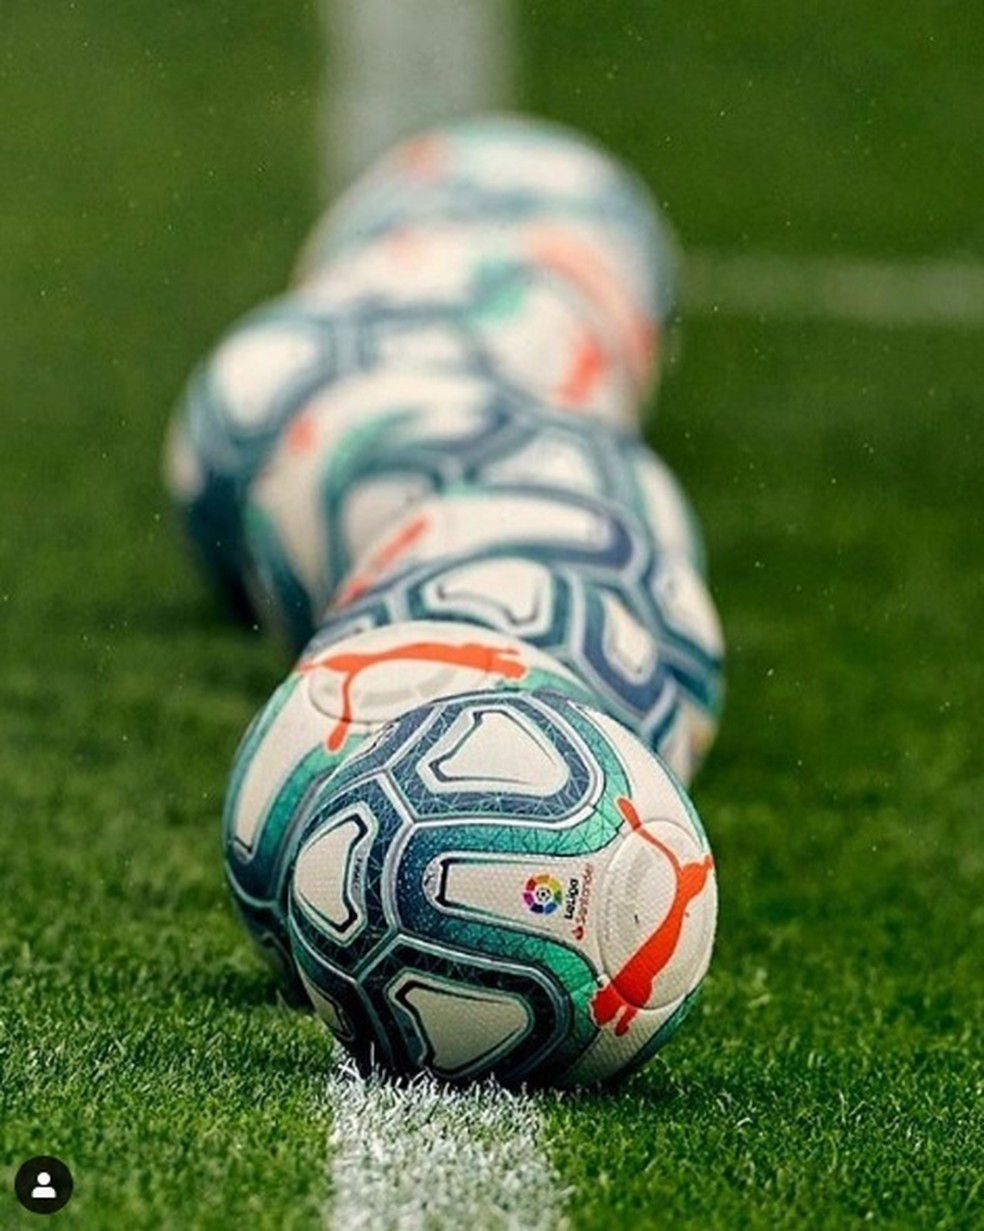 Campeonato Espanhol tem jogo adiado - Imagem 1